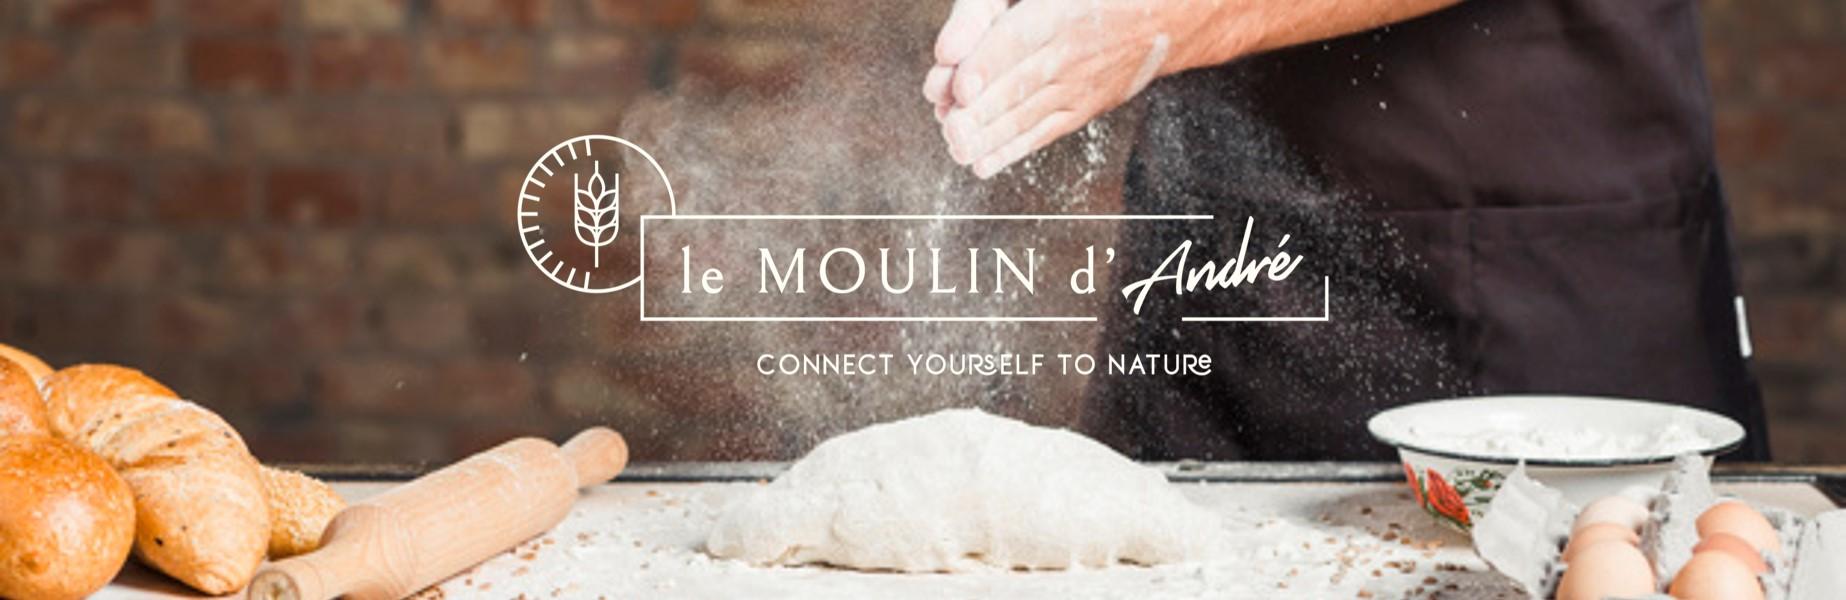 moulin d'André recettes farine pain